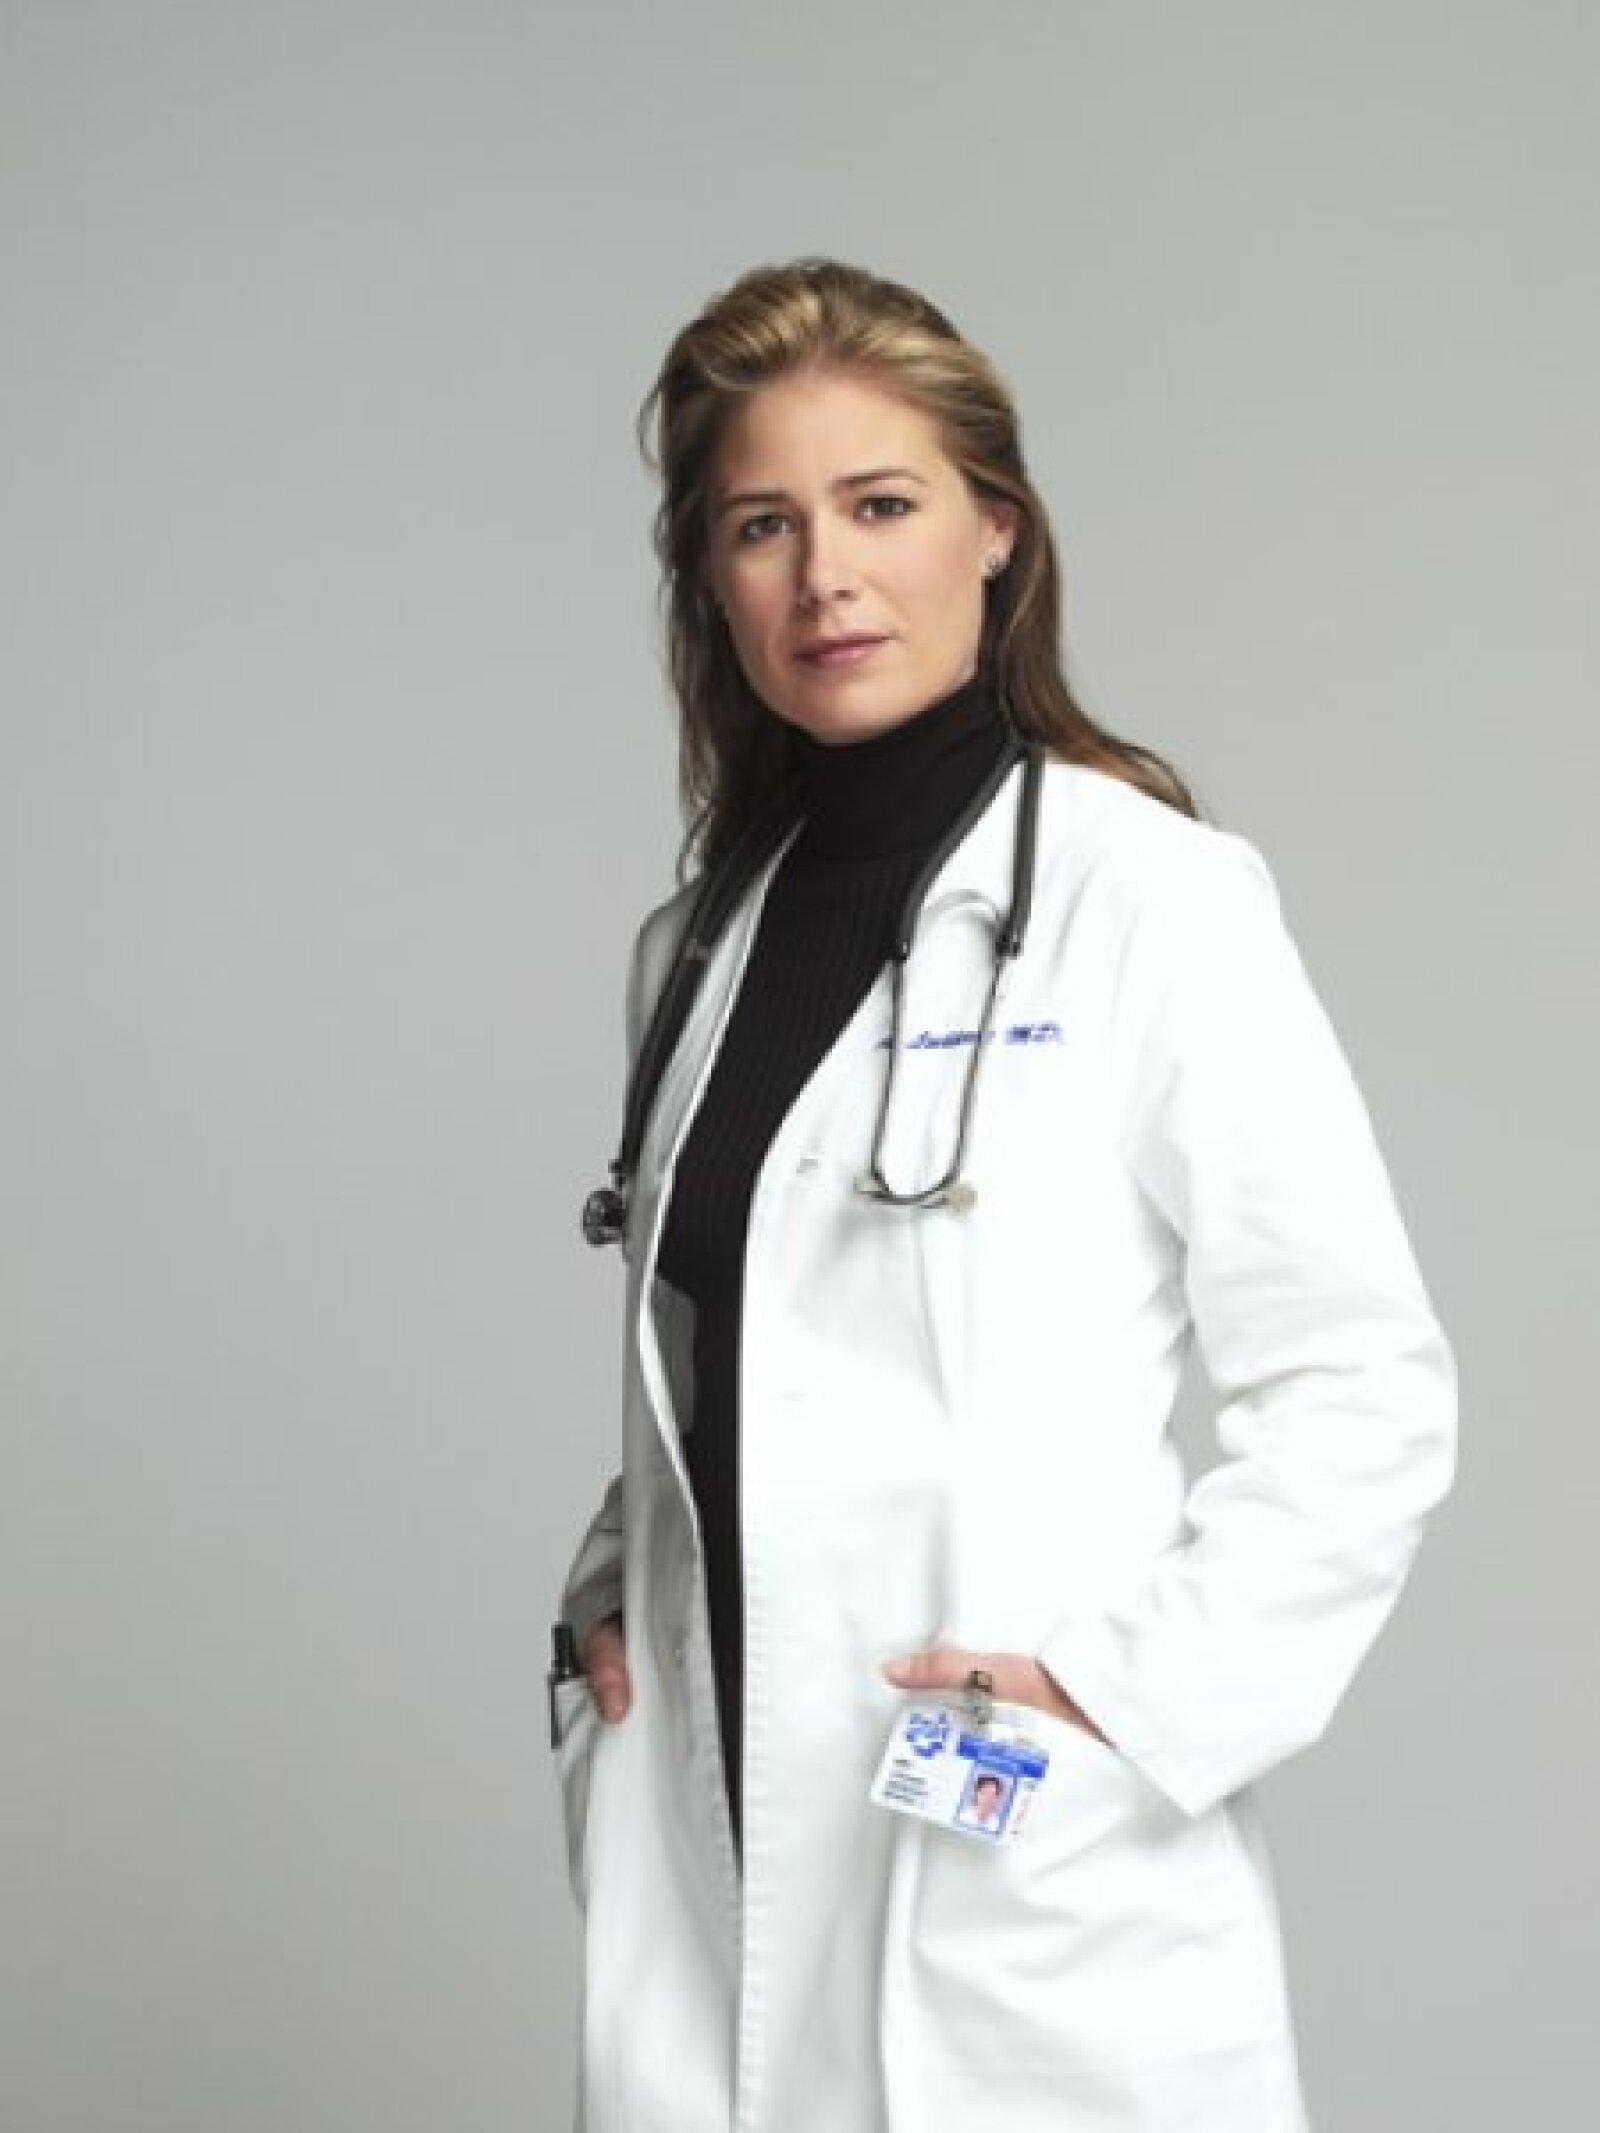 Para 1999 entra la enfermera Abby Lockhart a la serie, la actriz Maura Tierney fue la elegida para interpretarla y estuvo en ER durante 190 episodios.